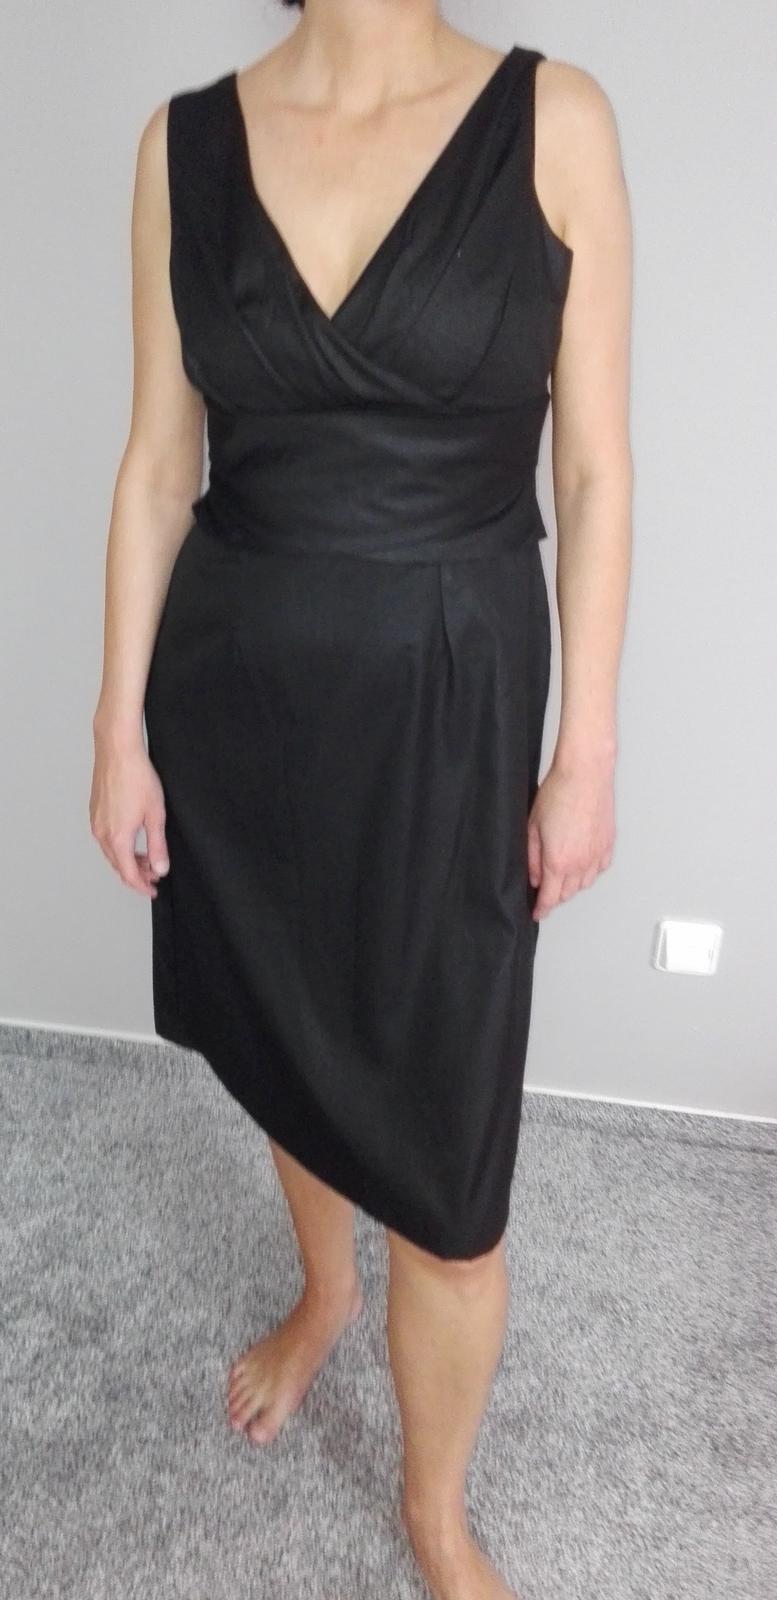 Šaty Orsay černé - Obrázek č. 1